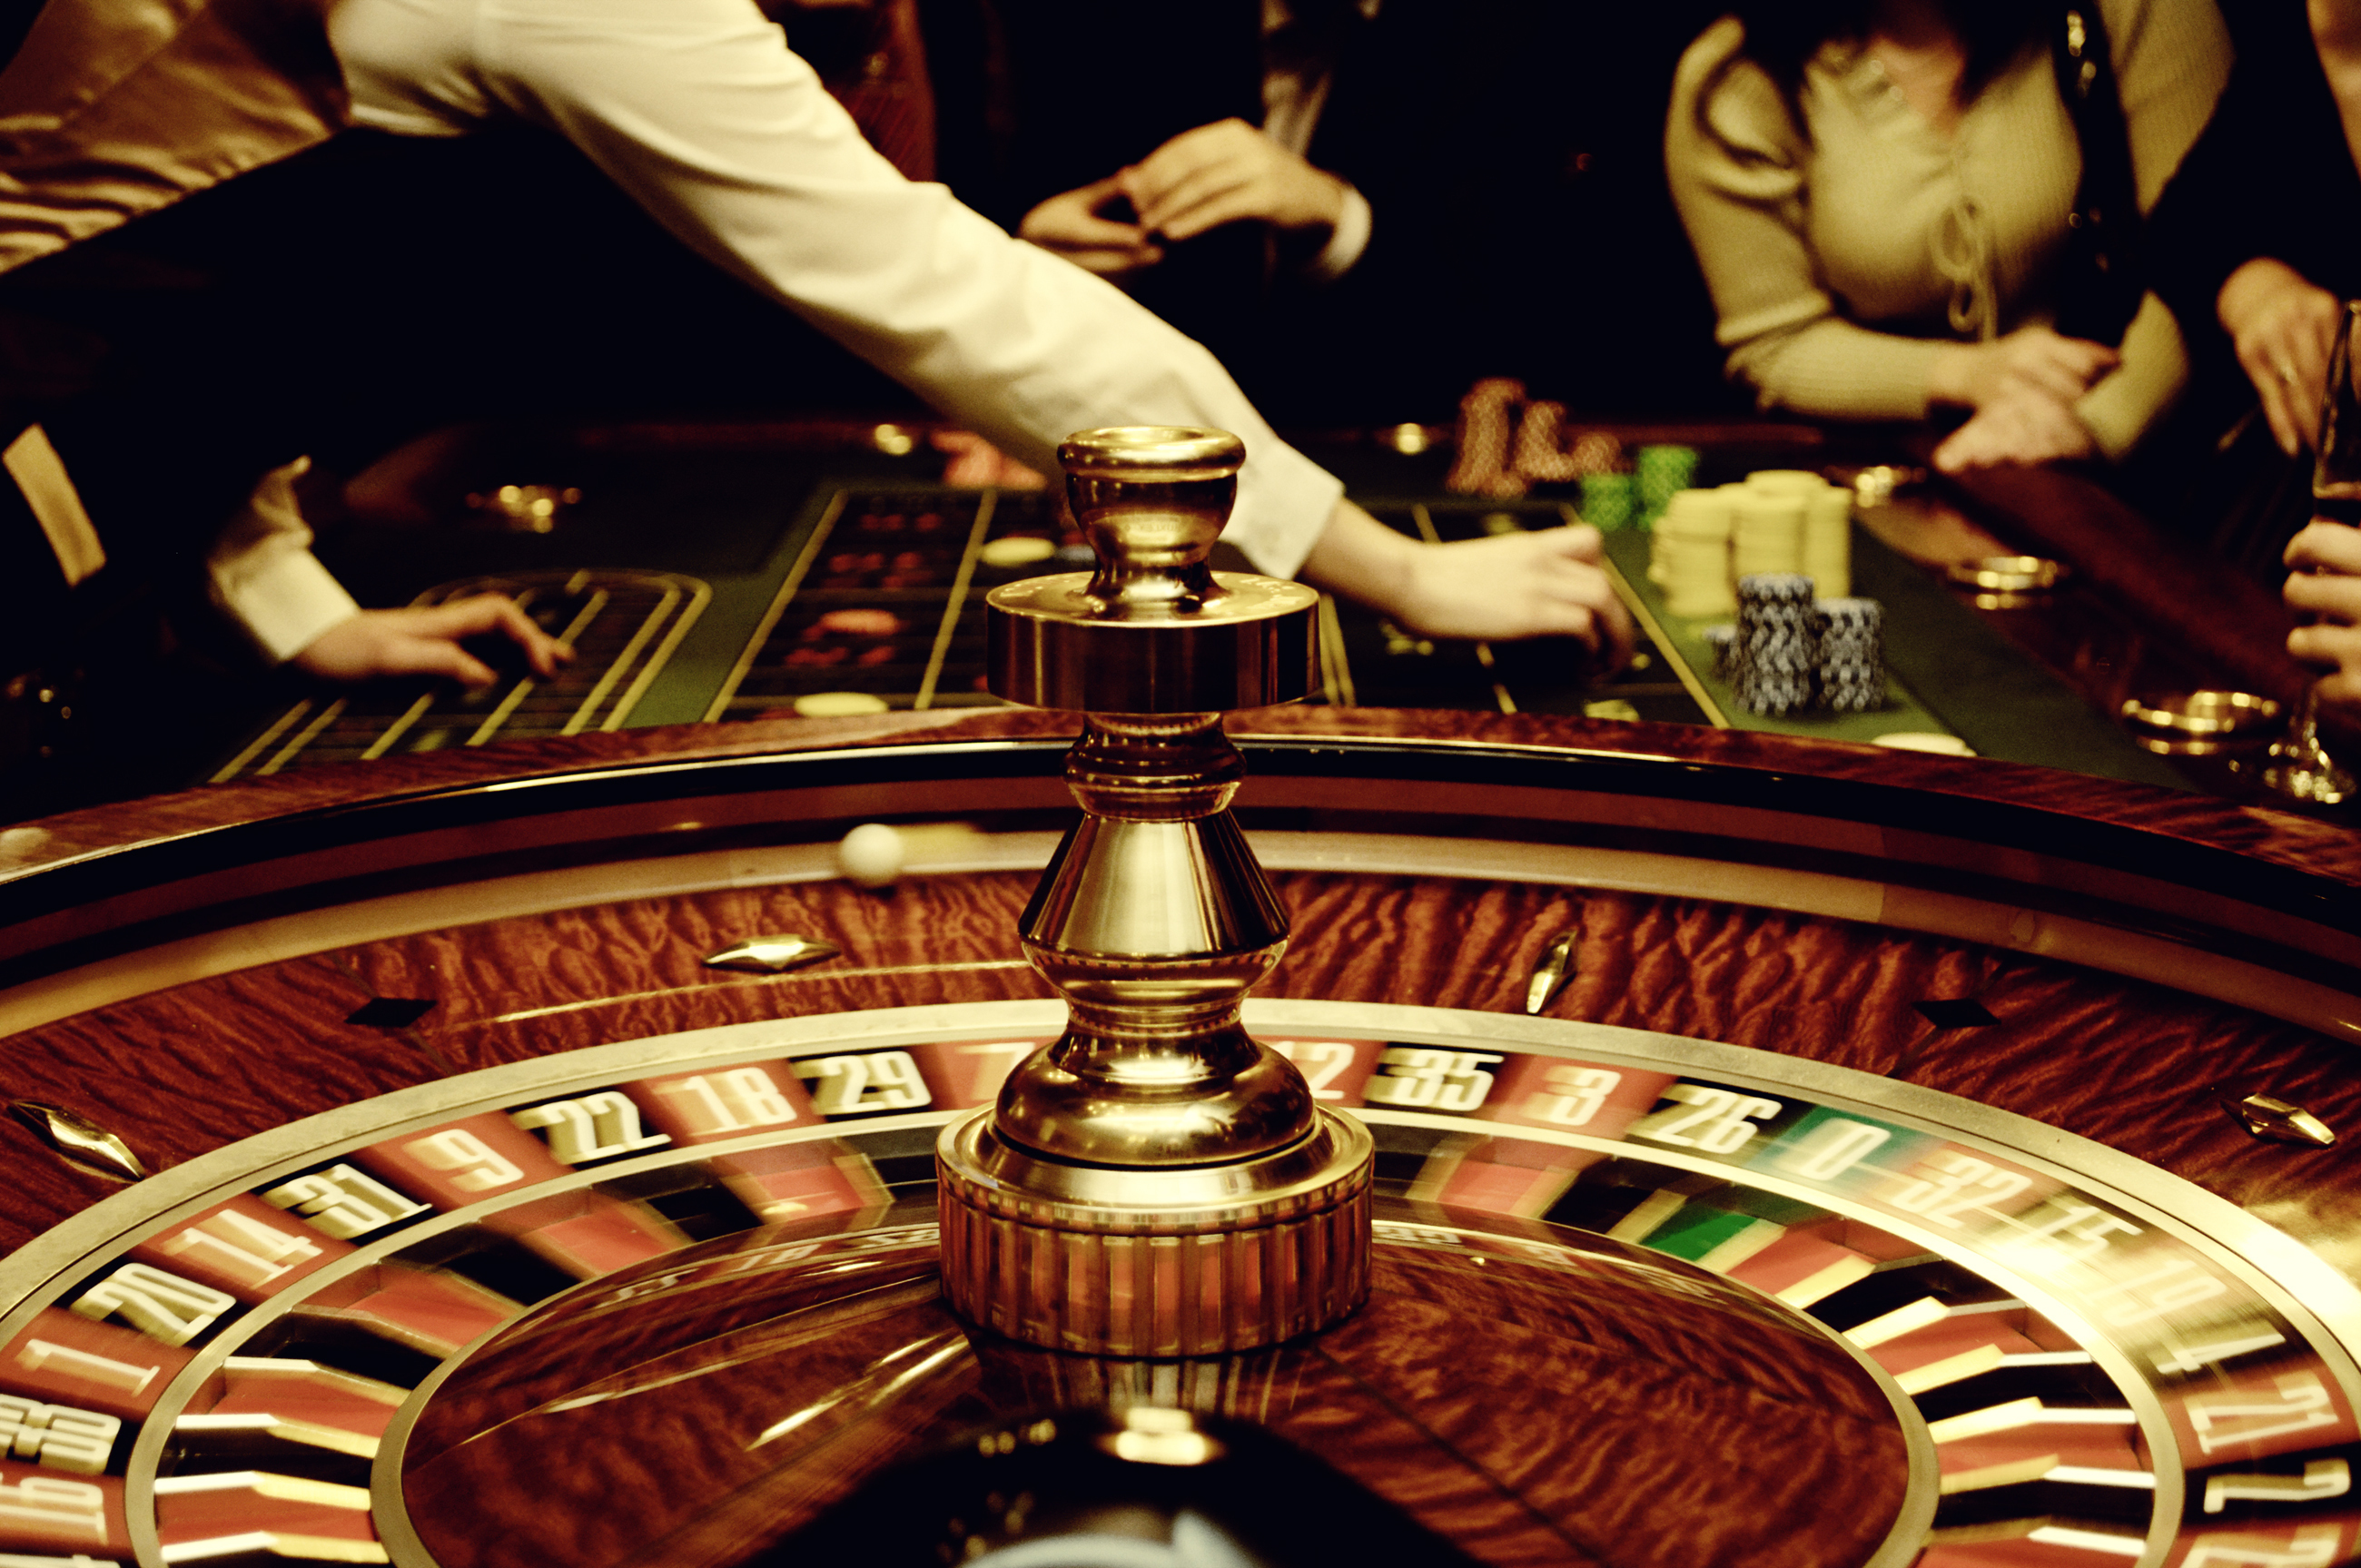 играть в казино на бездепозитный бонус при регистрации